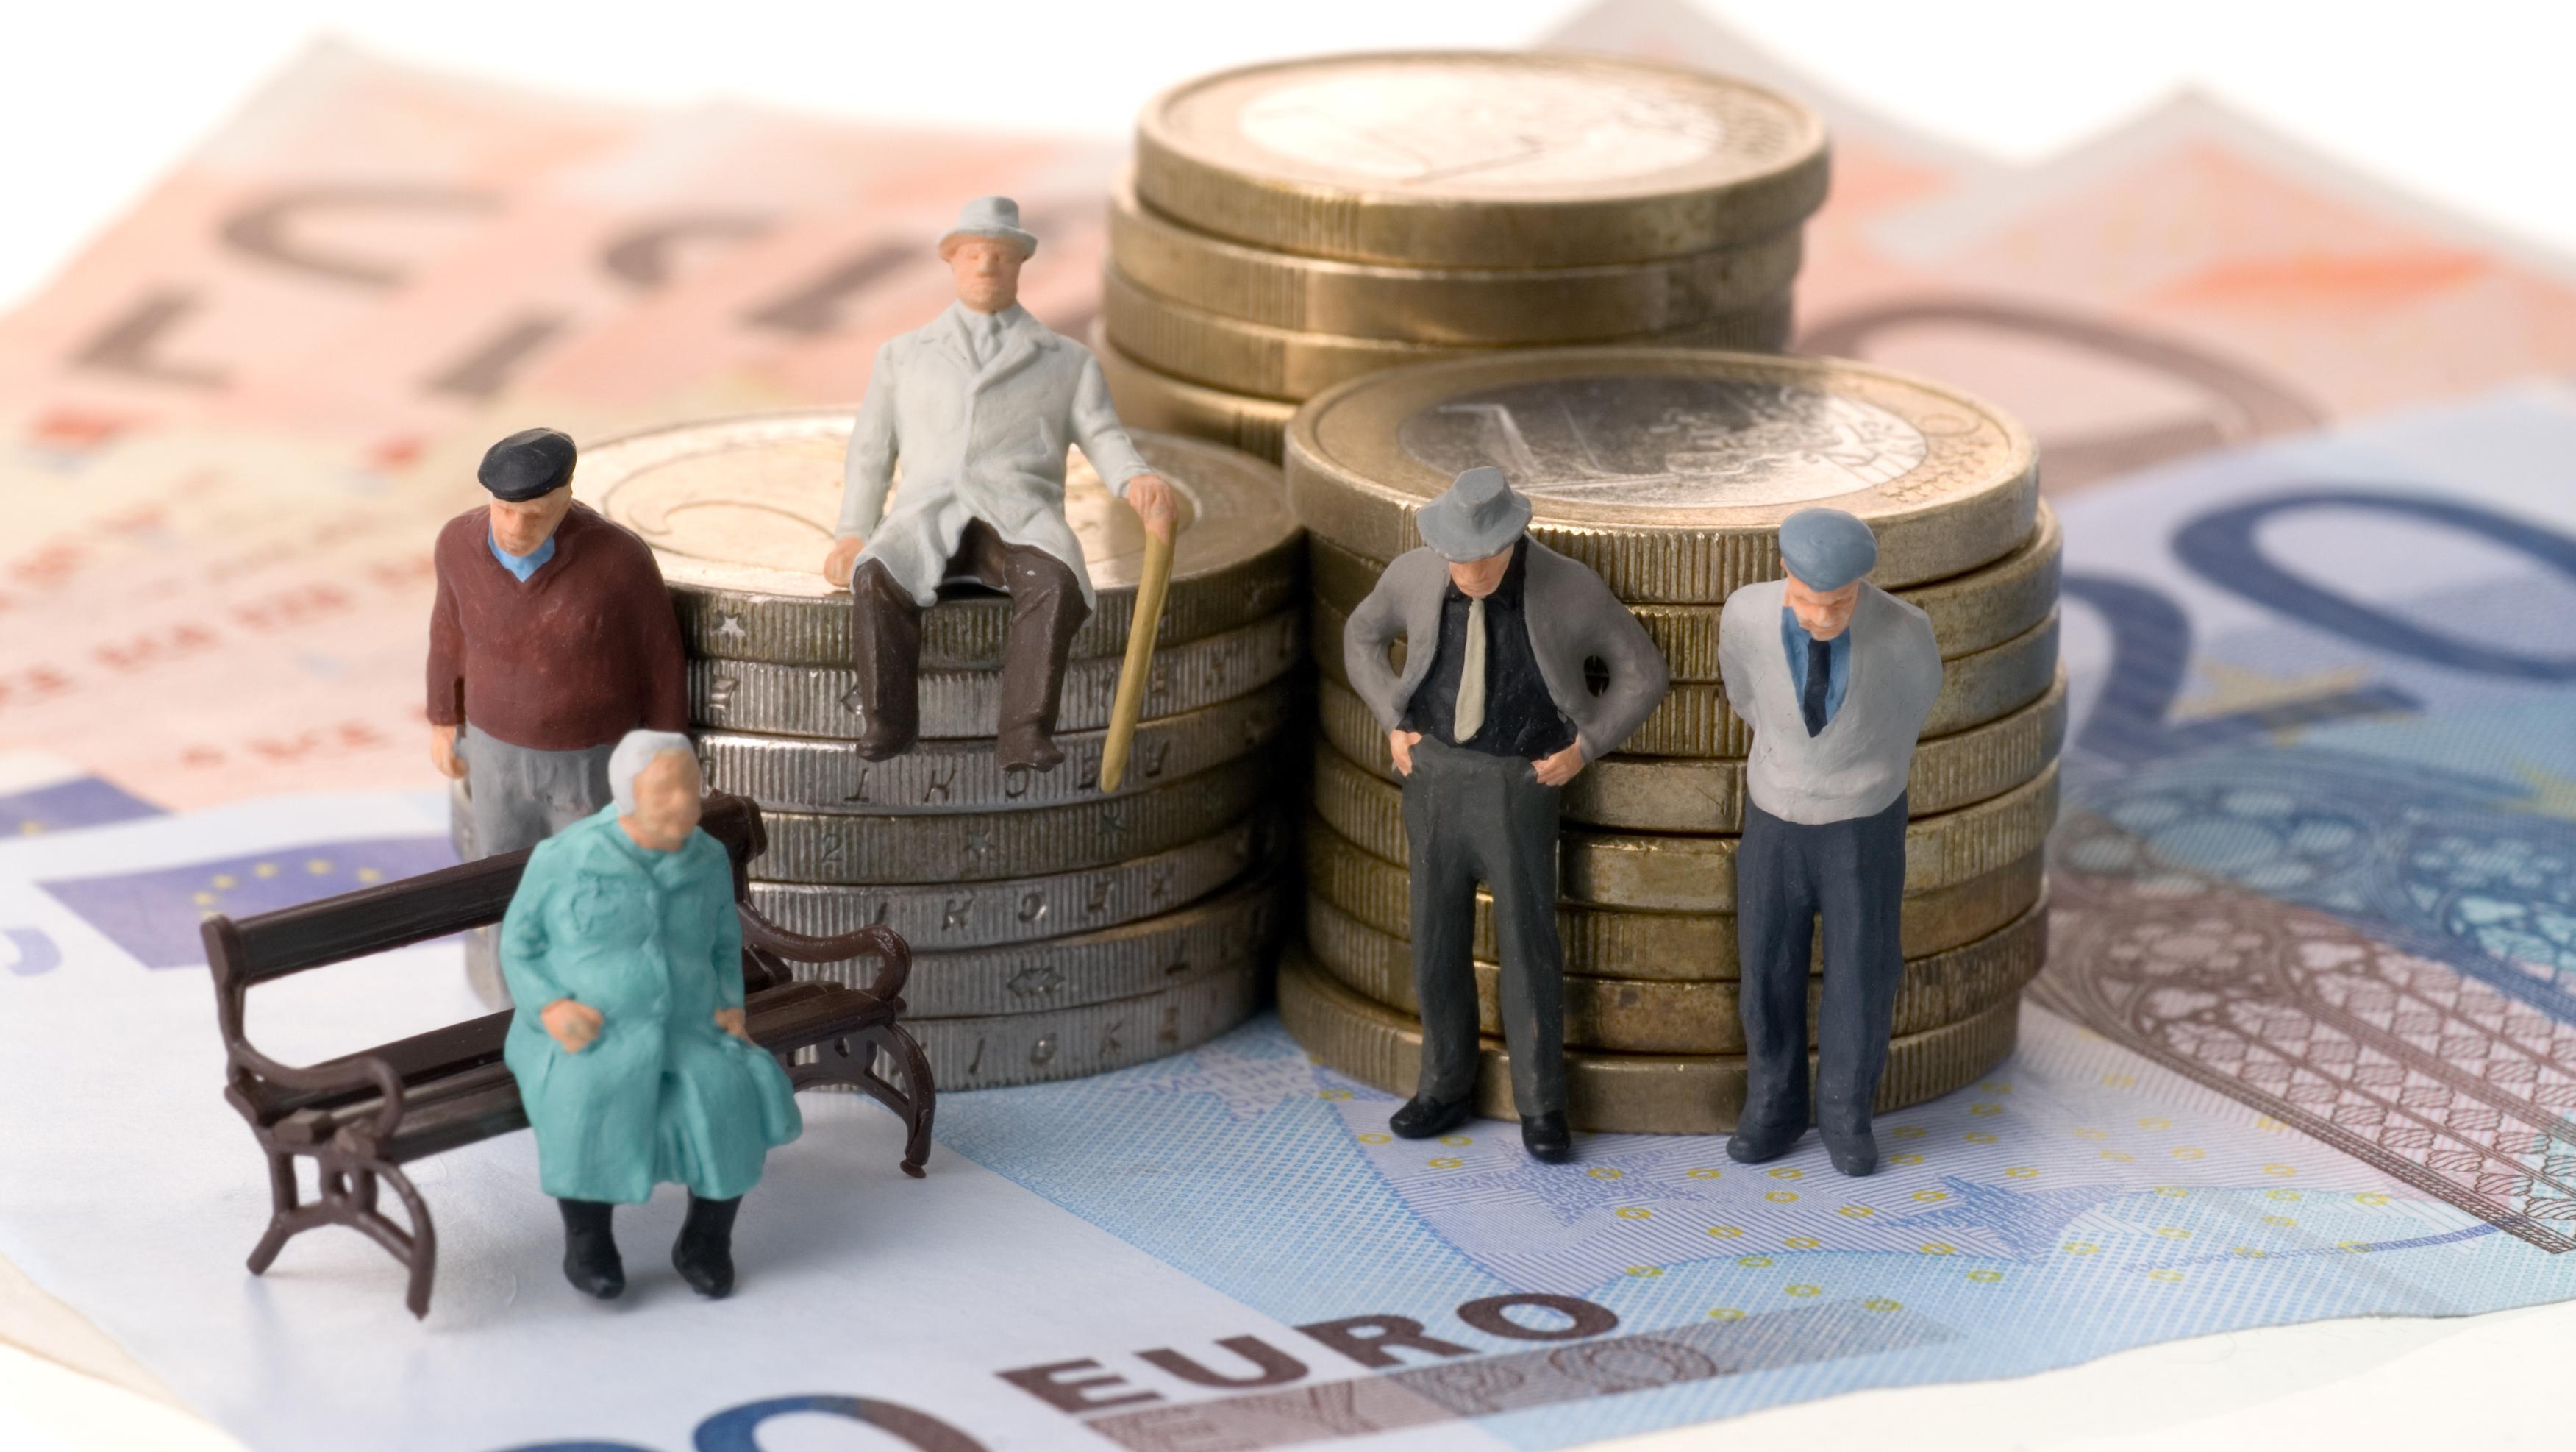 Как получить пенсию без трудового стаж размер 1 пенсионного балла в 2021